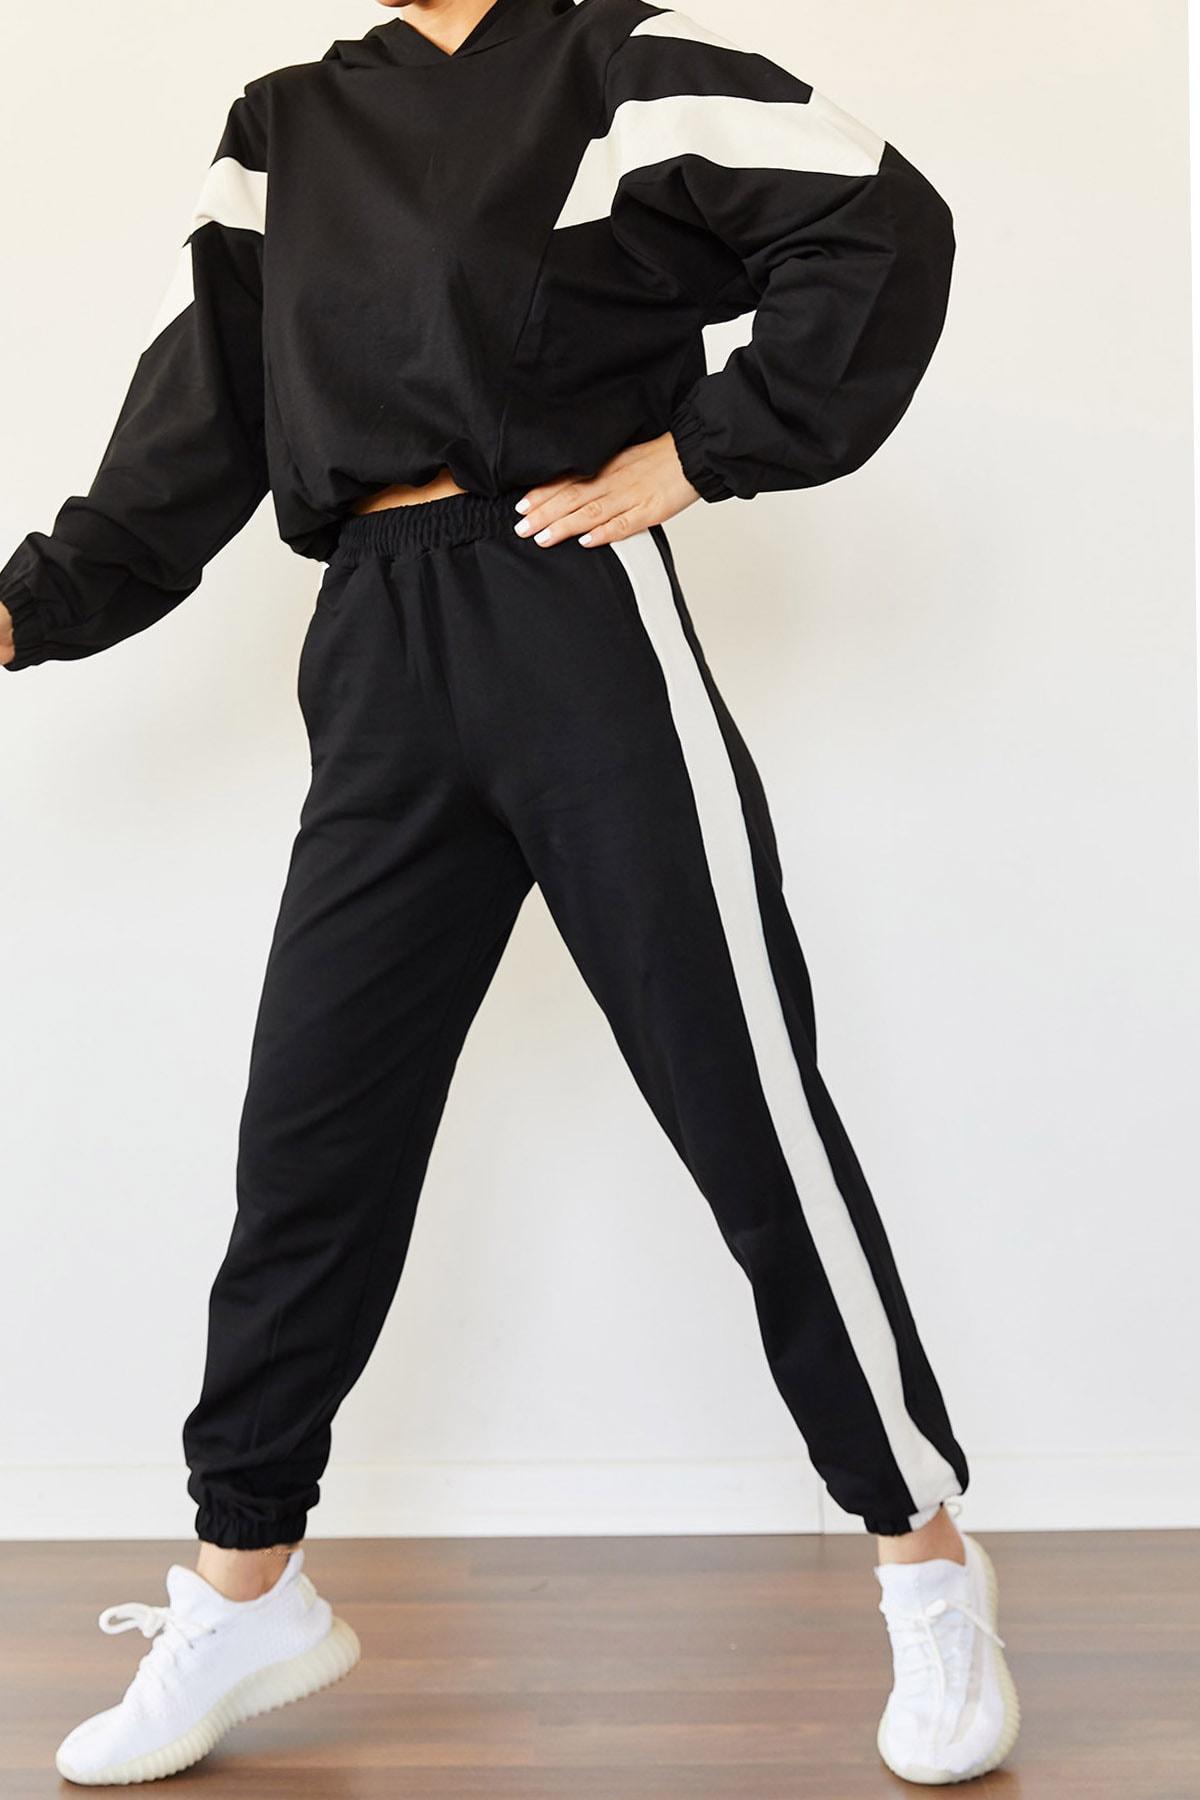 XENA Kadın Siyah Parçalı Eşofman Takımı 0YZK8-10315 2